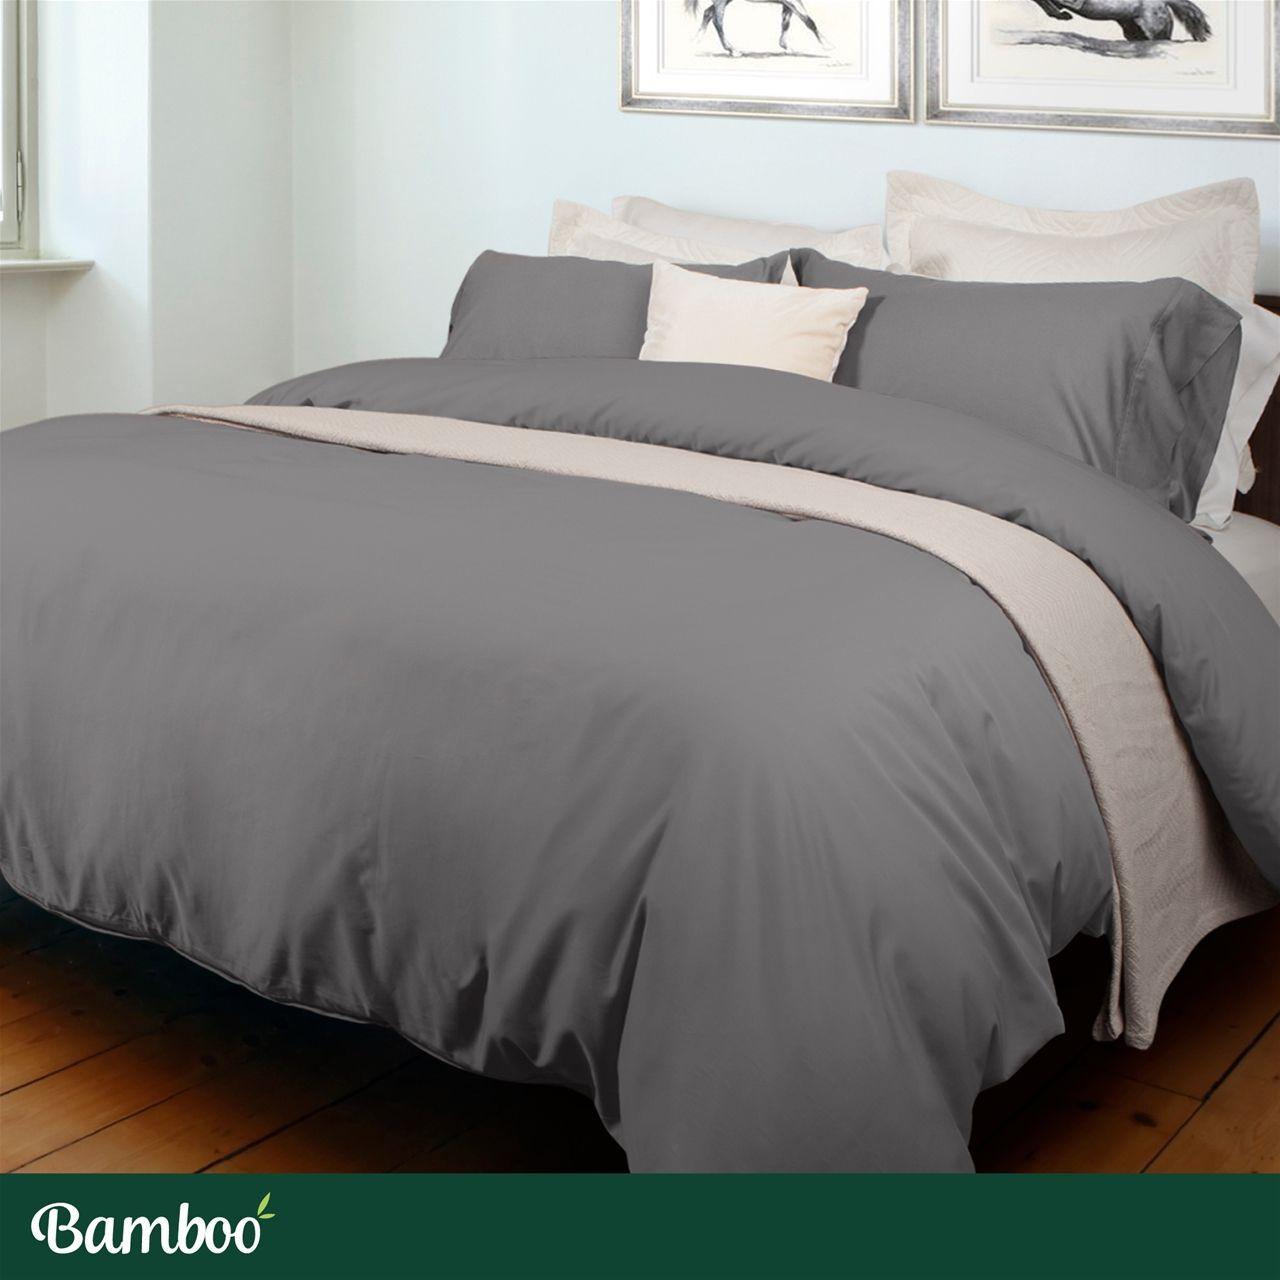 Bamboo Blend Duvet Cover Slate Qe Home Modern Style Bedding